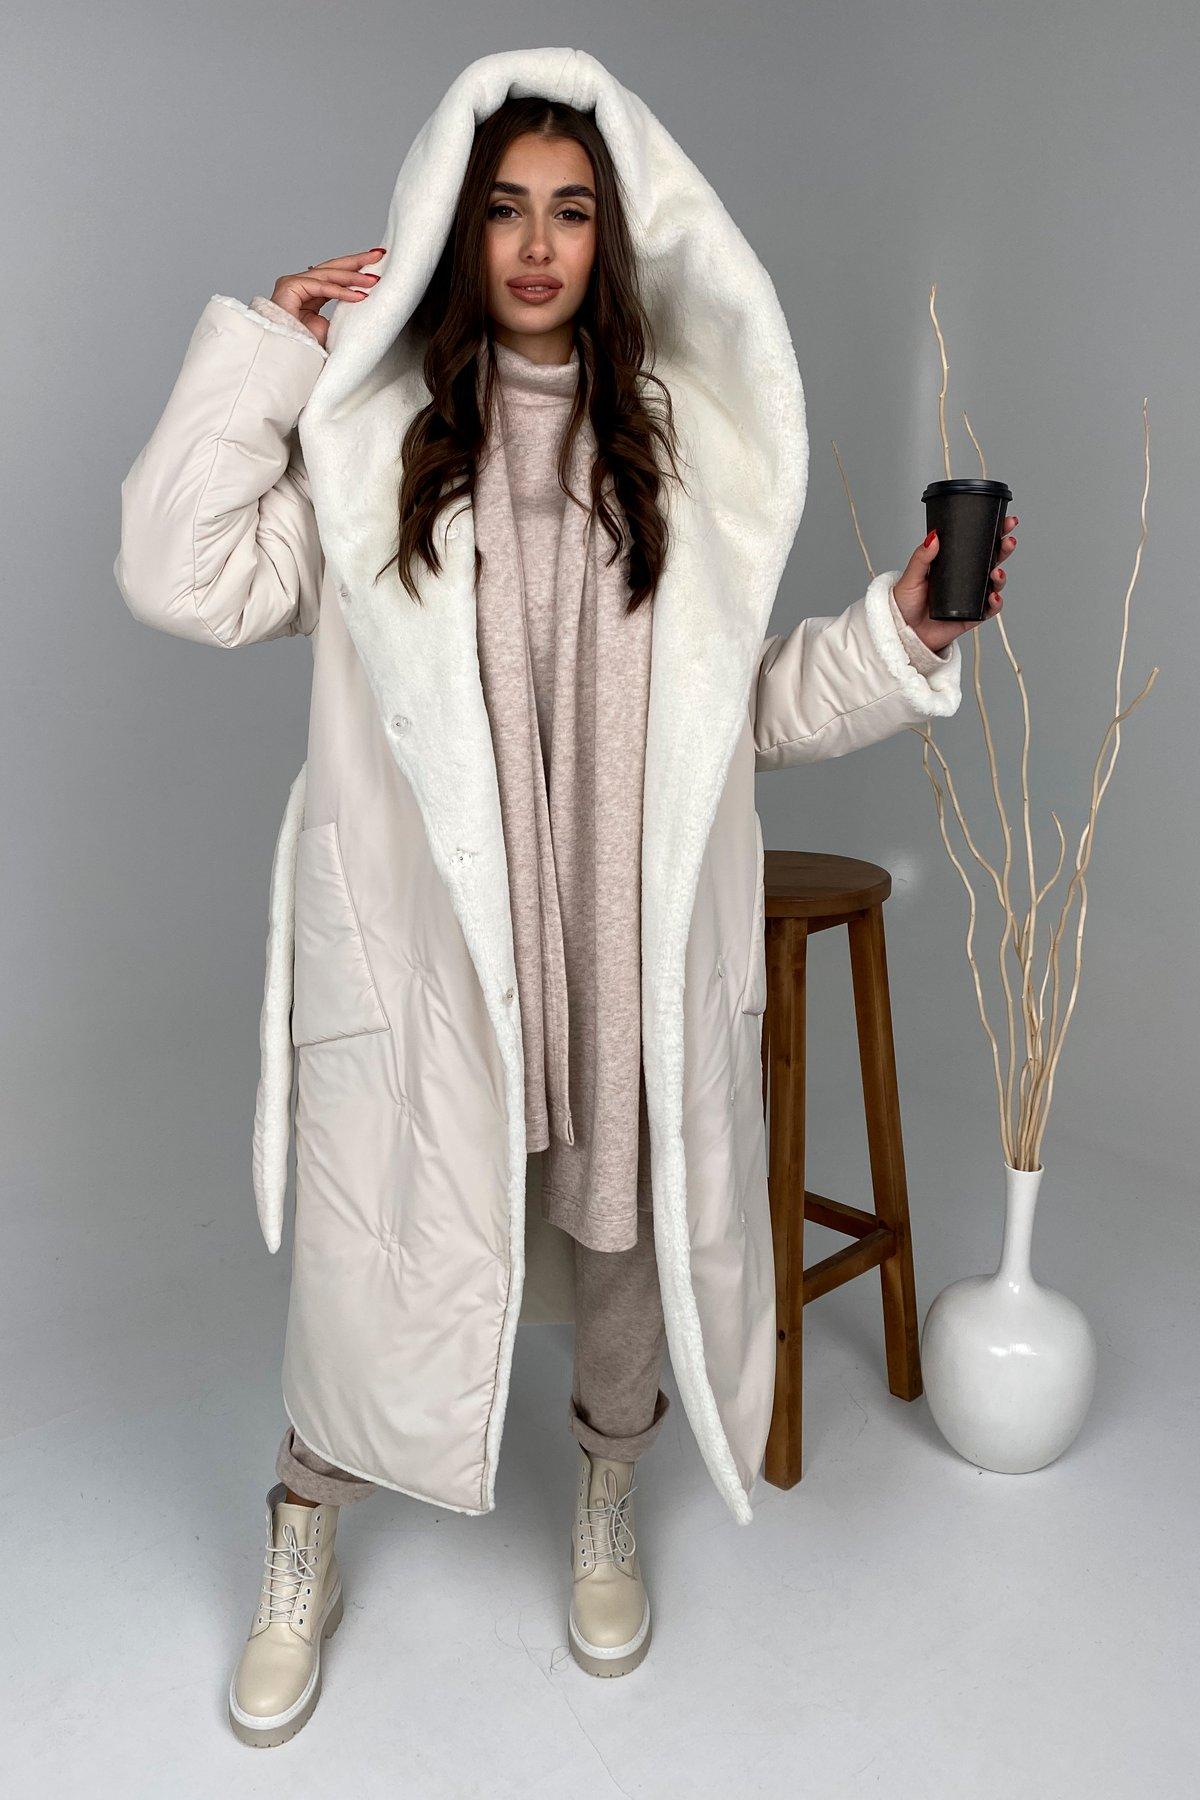 Сноу  теплое двухстороннее пальто из  еко меха и плотной  плащевки 9956 АРТ. 46243 Цвет: Молоко - фото 4, интернет магазин tm-modus.ru